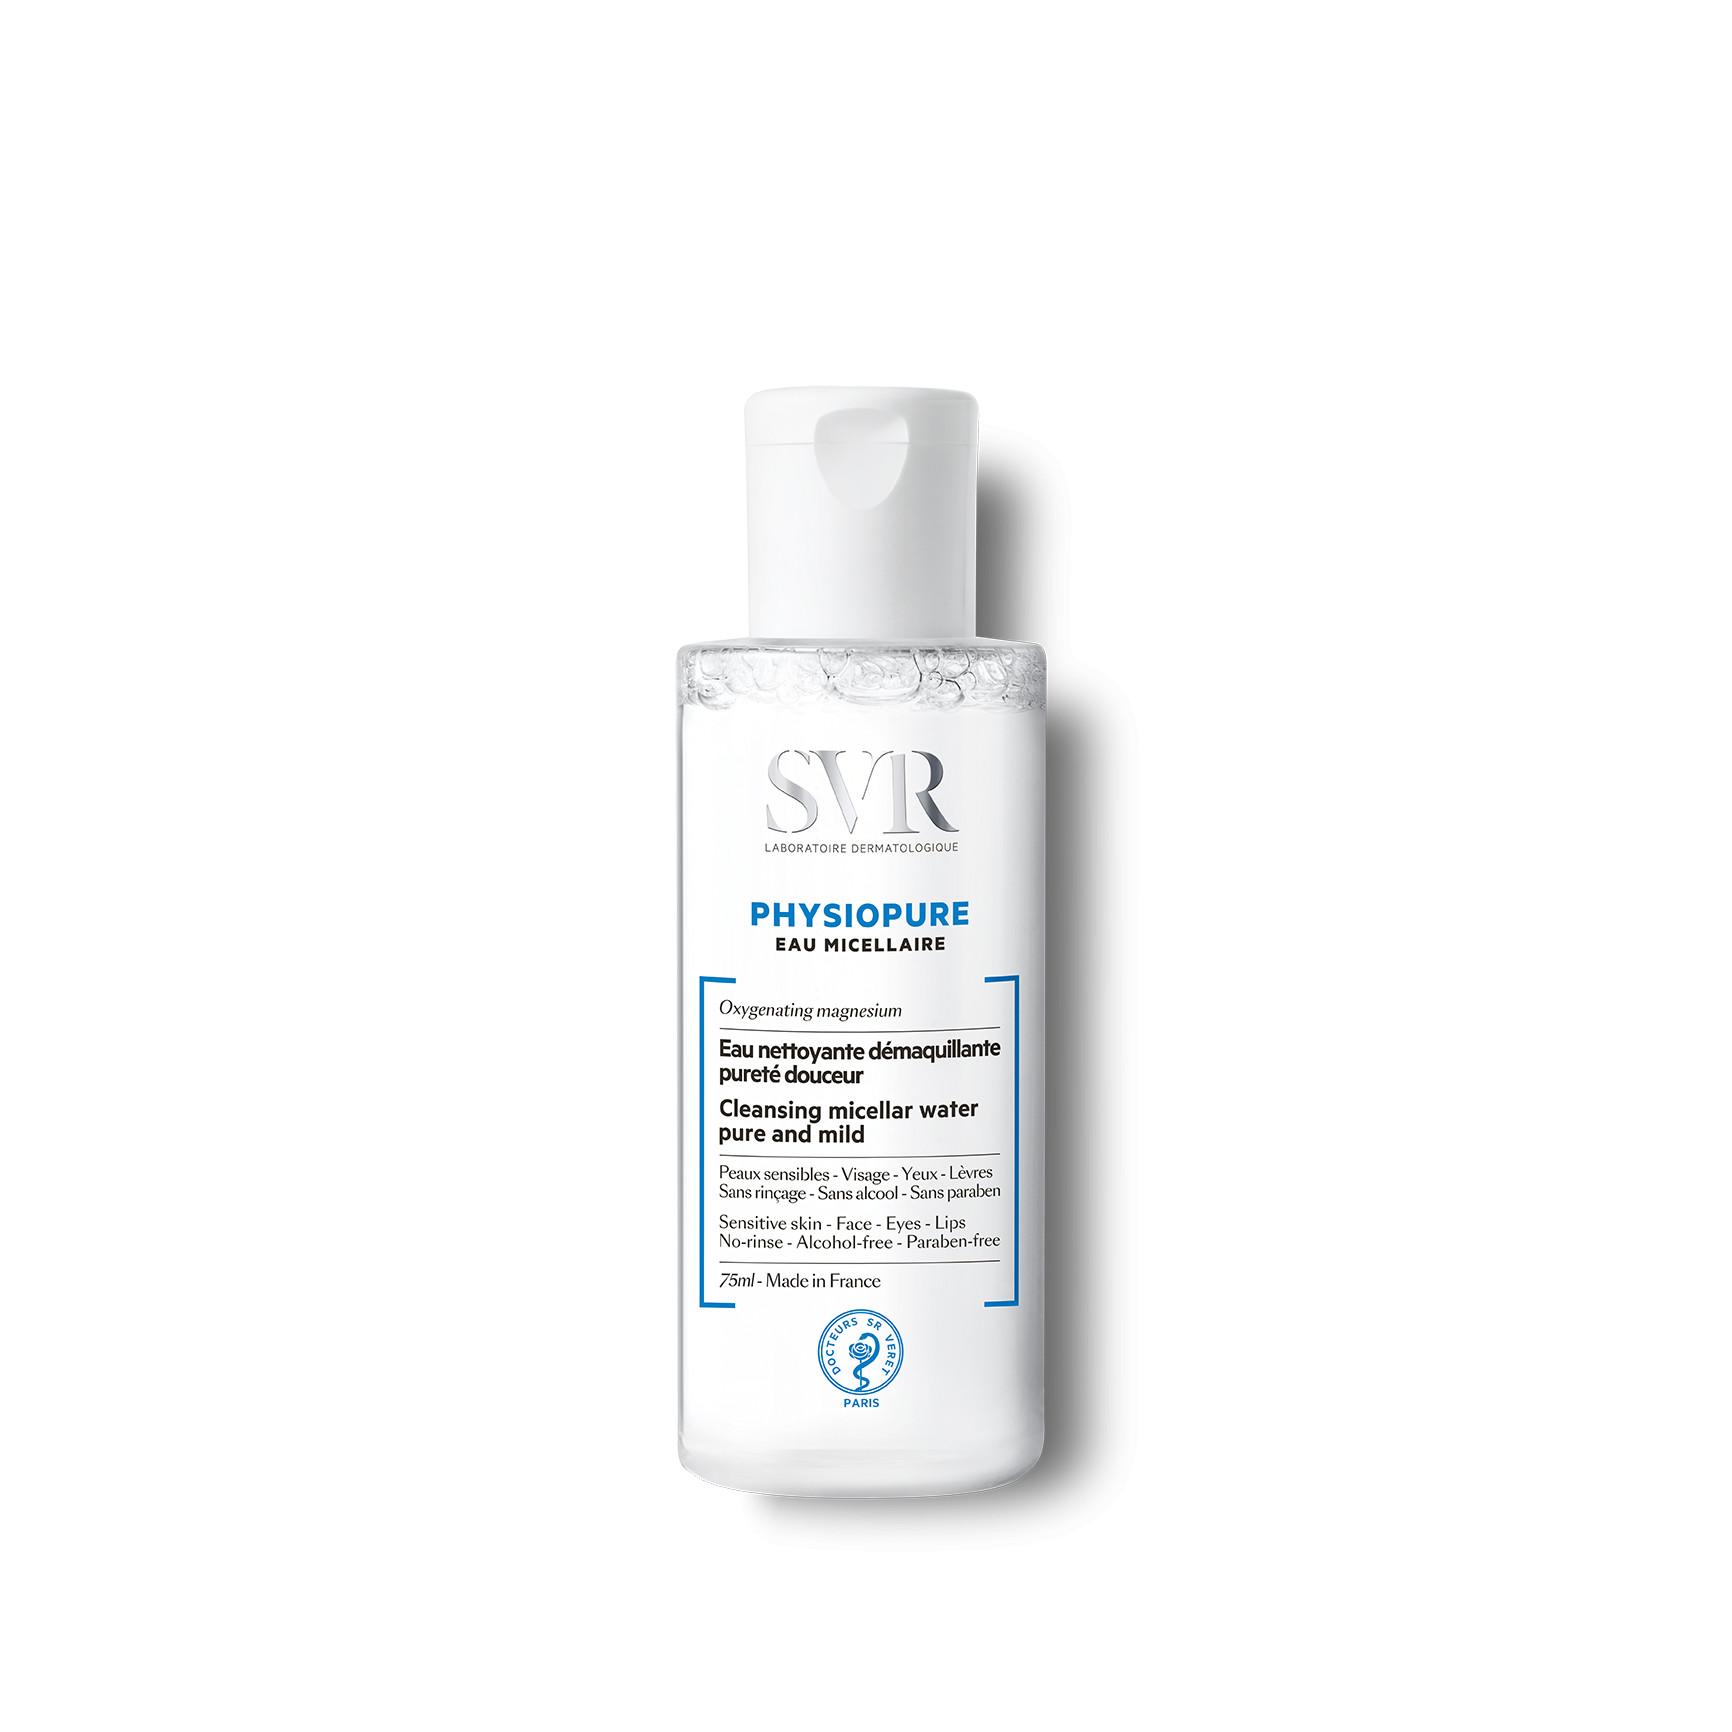 Nước tẩy trang cho da nhạy cảm SVR Physiopure Eau Micellaire (Nhập khẩu)